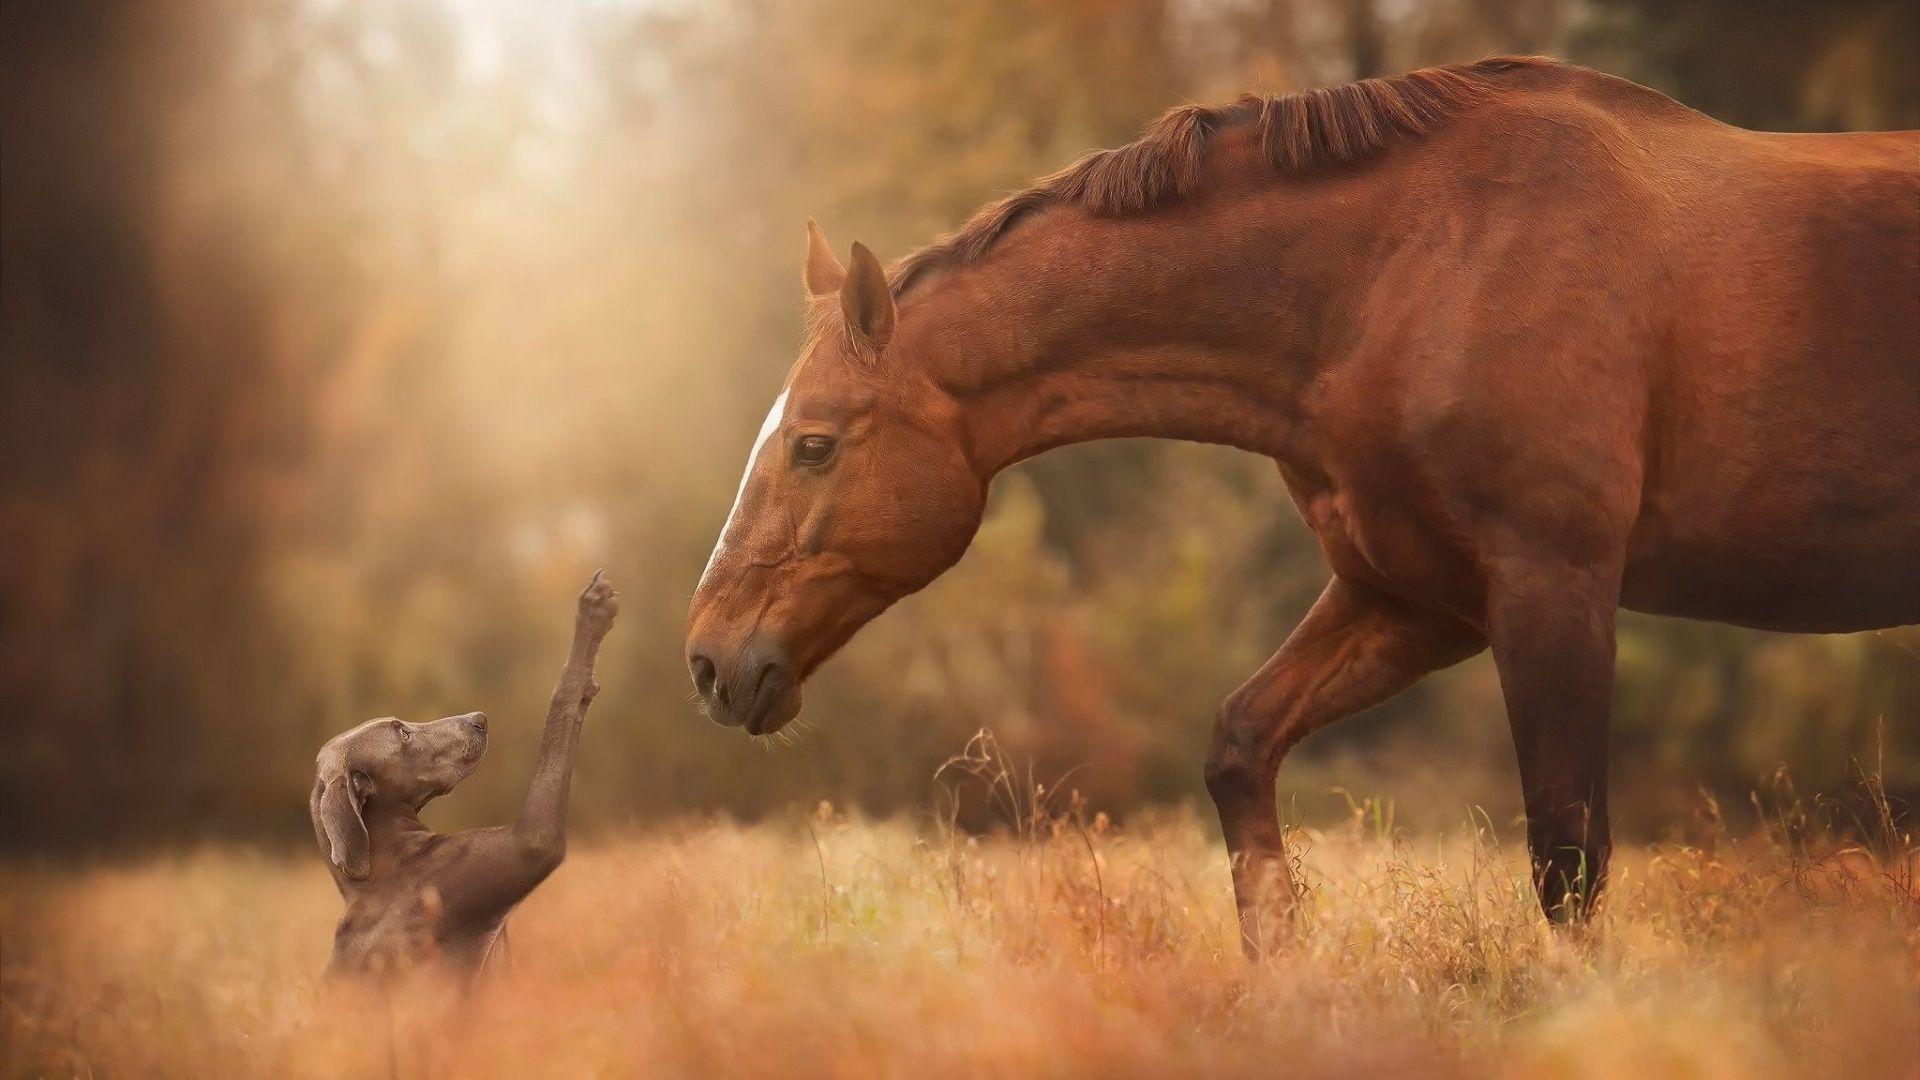 Itt kezdődött a lovak háziasítása 4200 évvel ezelőtt,